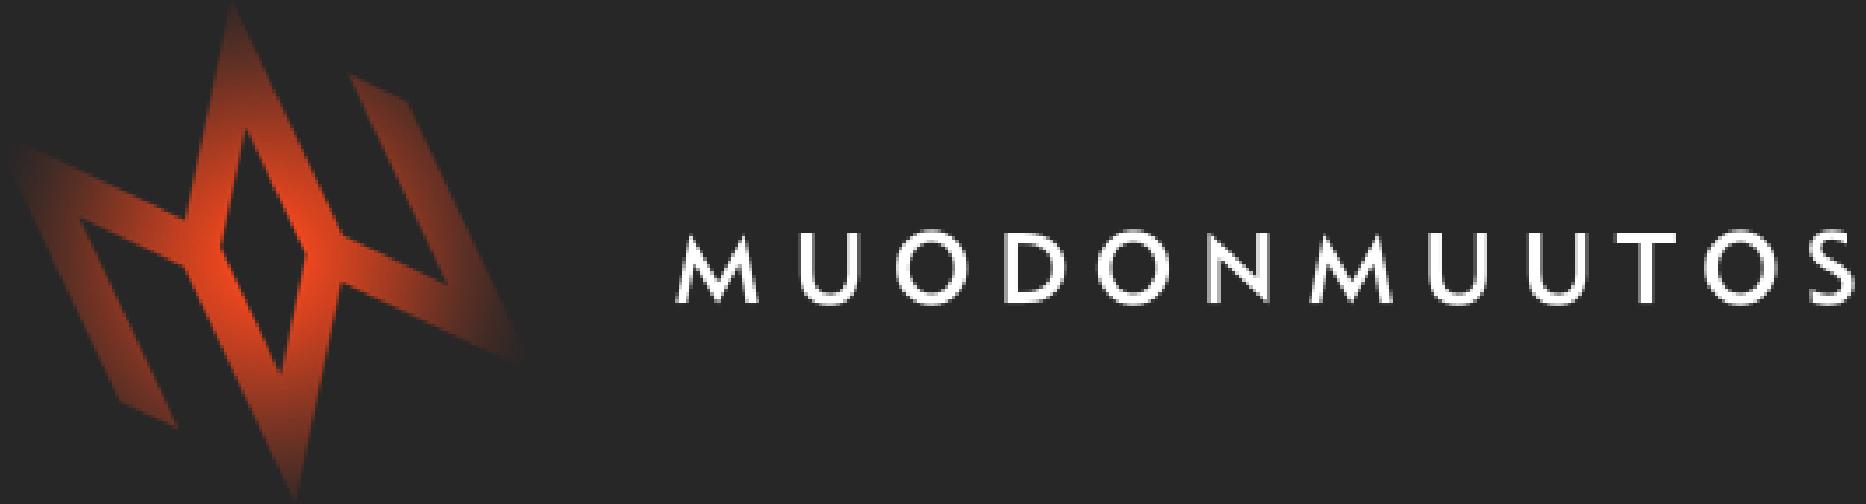 Muodonmuutos - Trendsetting Machine Design